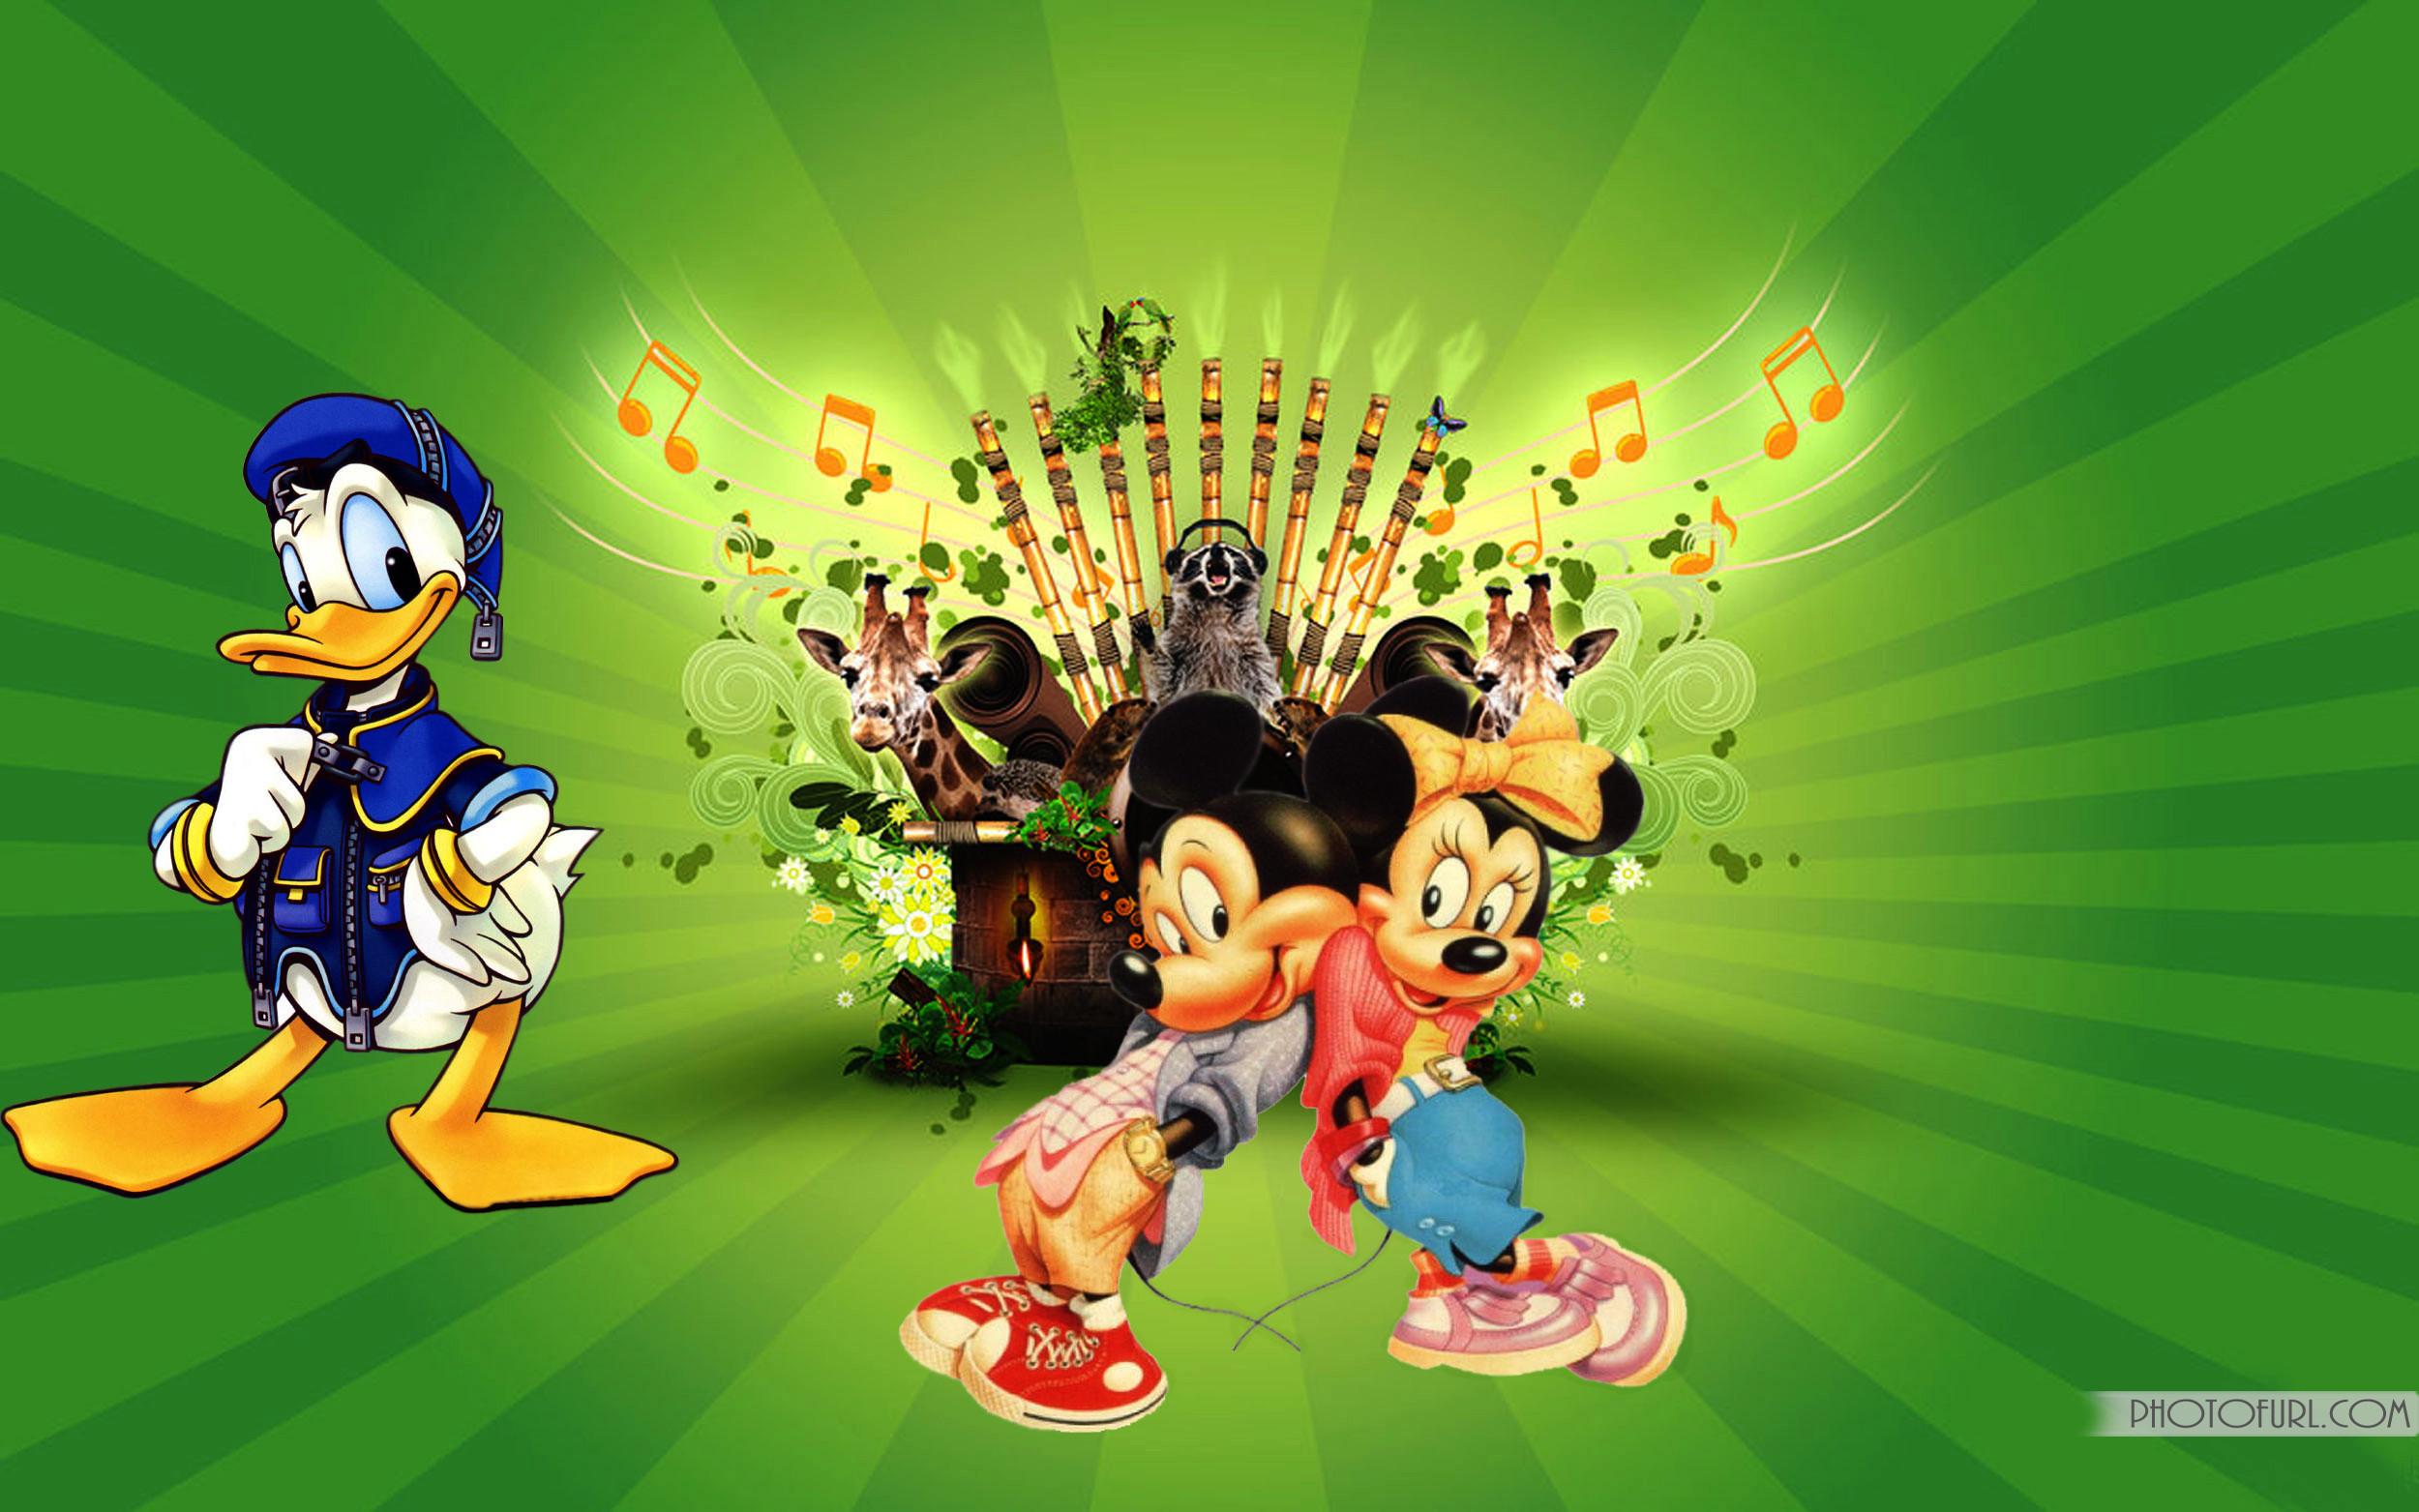 Cartoon Wallpaper 2011 Free Download Desktop Backgrounds